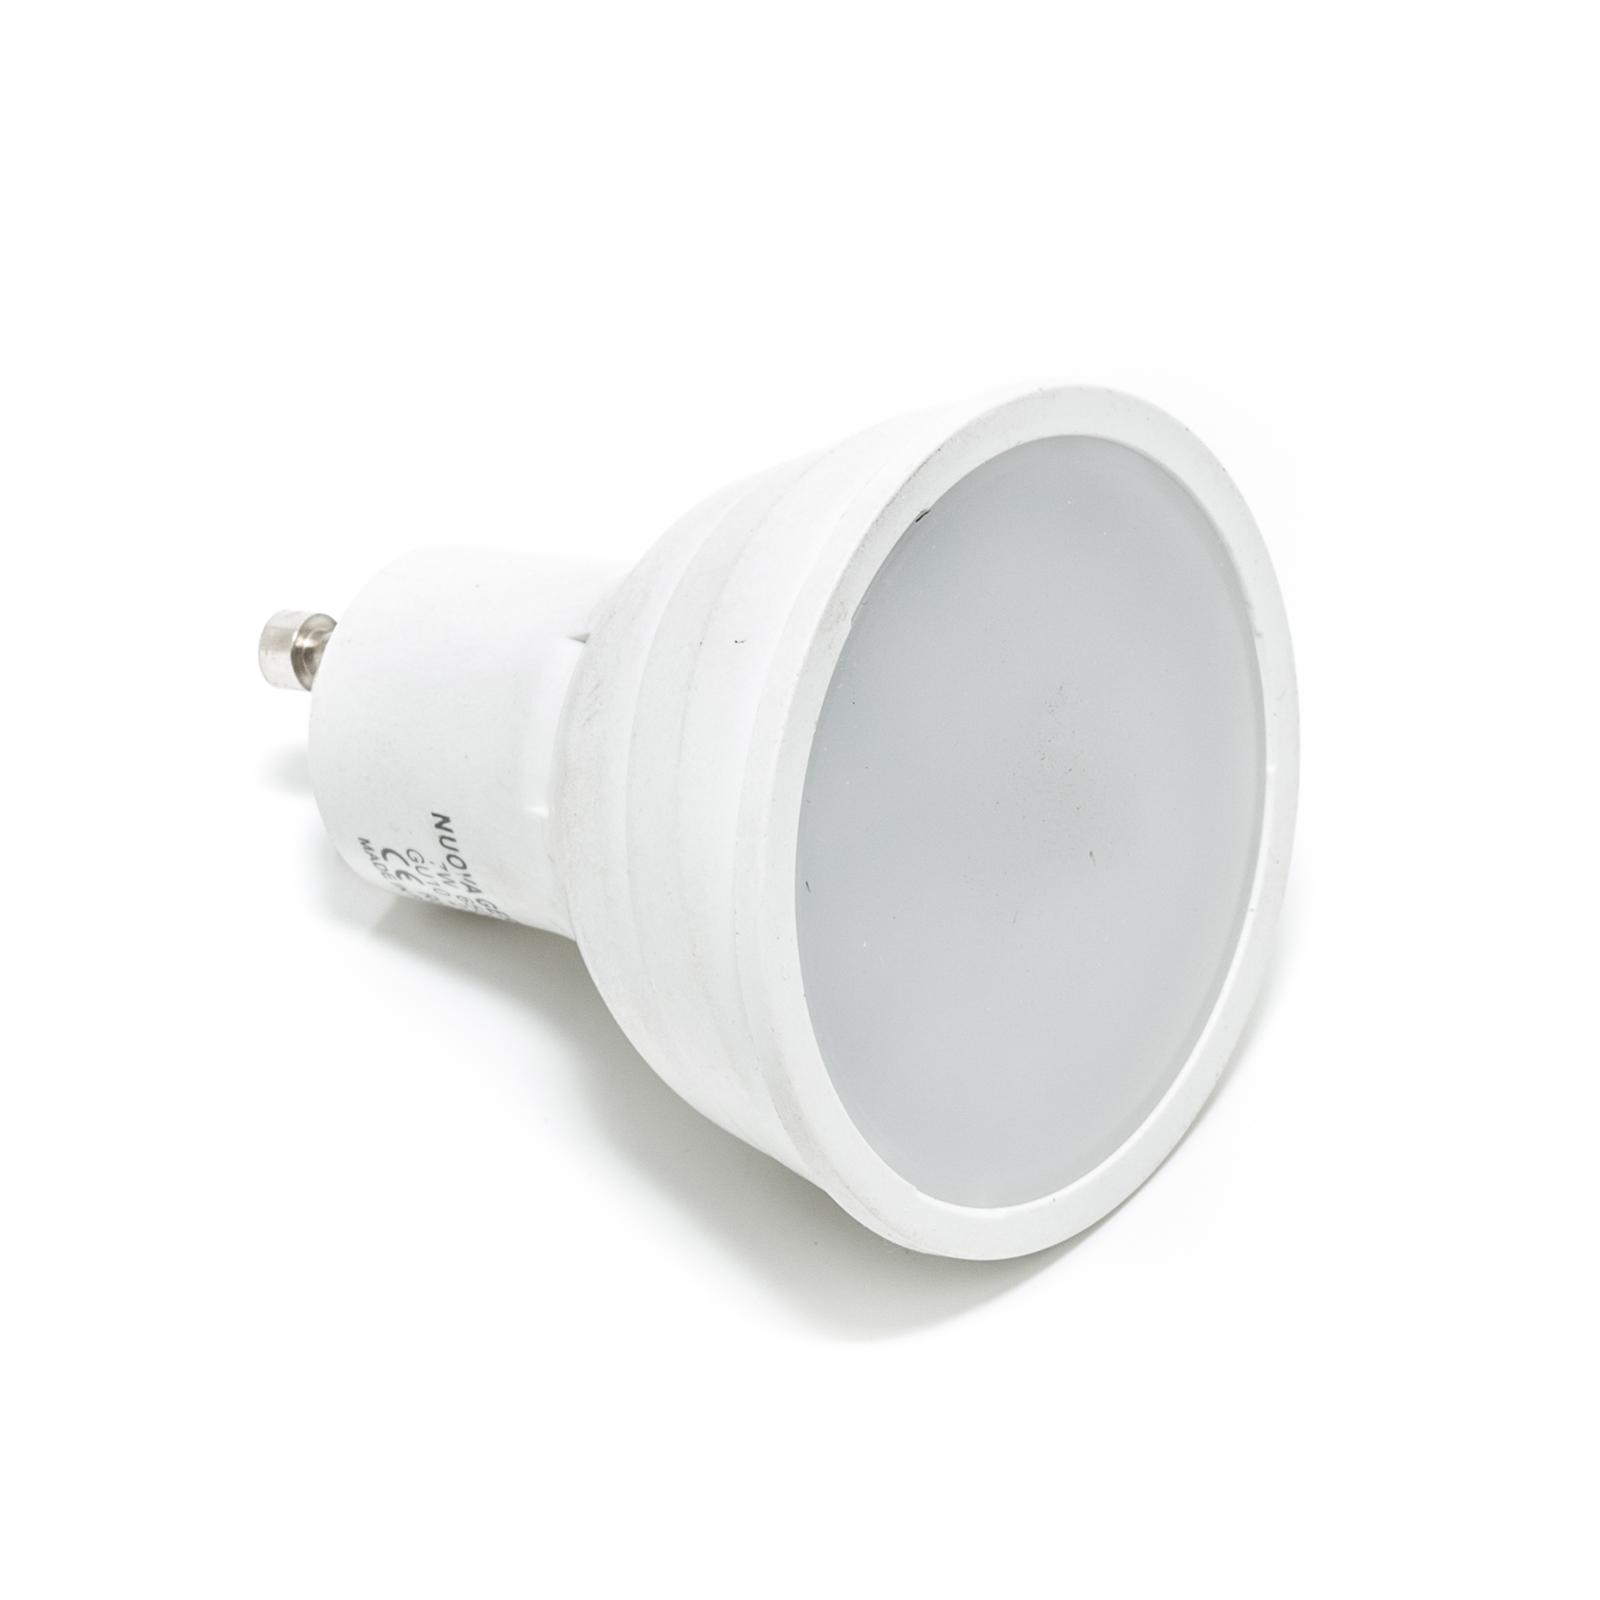 Lampada Led Faretto Gu10.Lampadina Led 5w Gu10 V Tac